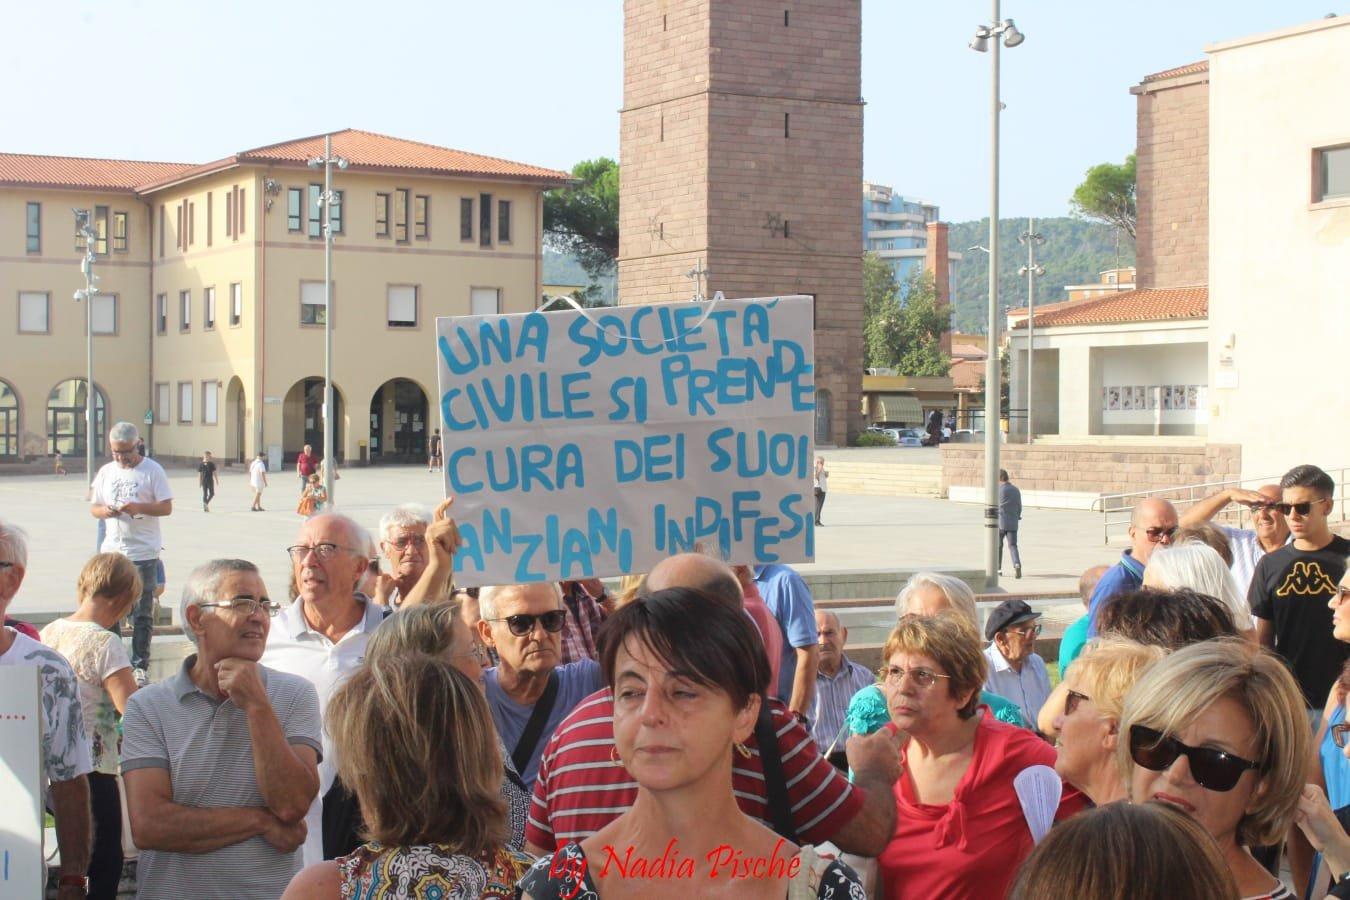 Giovedì sera l'Amministrazione comunale di Carbonia incontra i cittadini per fare chiarezza sul regolamento che regola l'assegnazione degli immobili comunali alle associazioni.